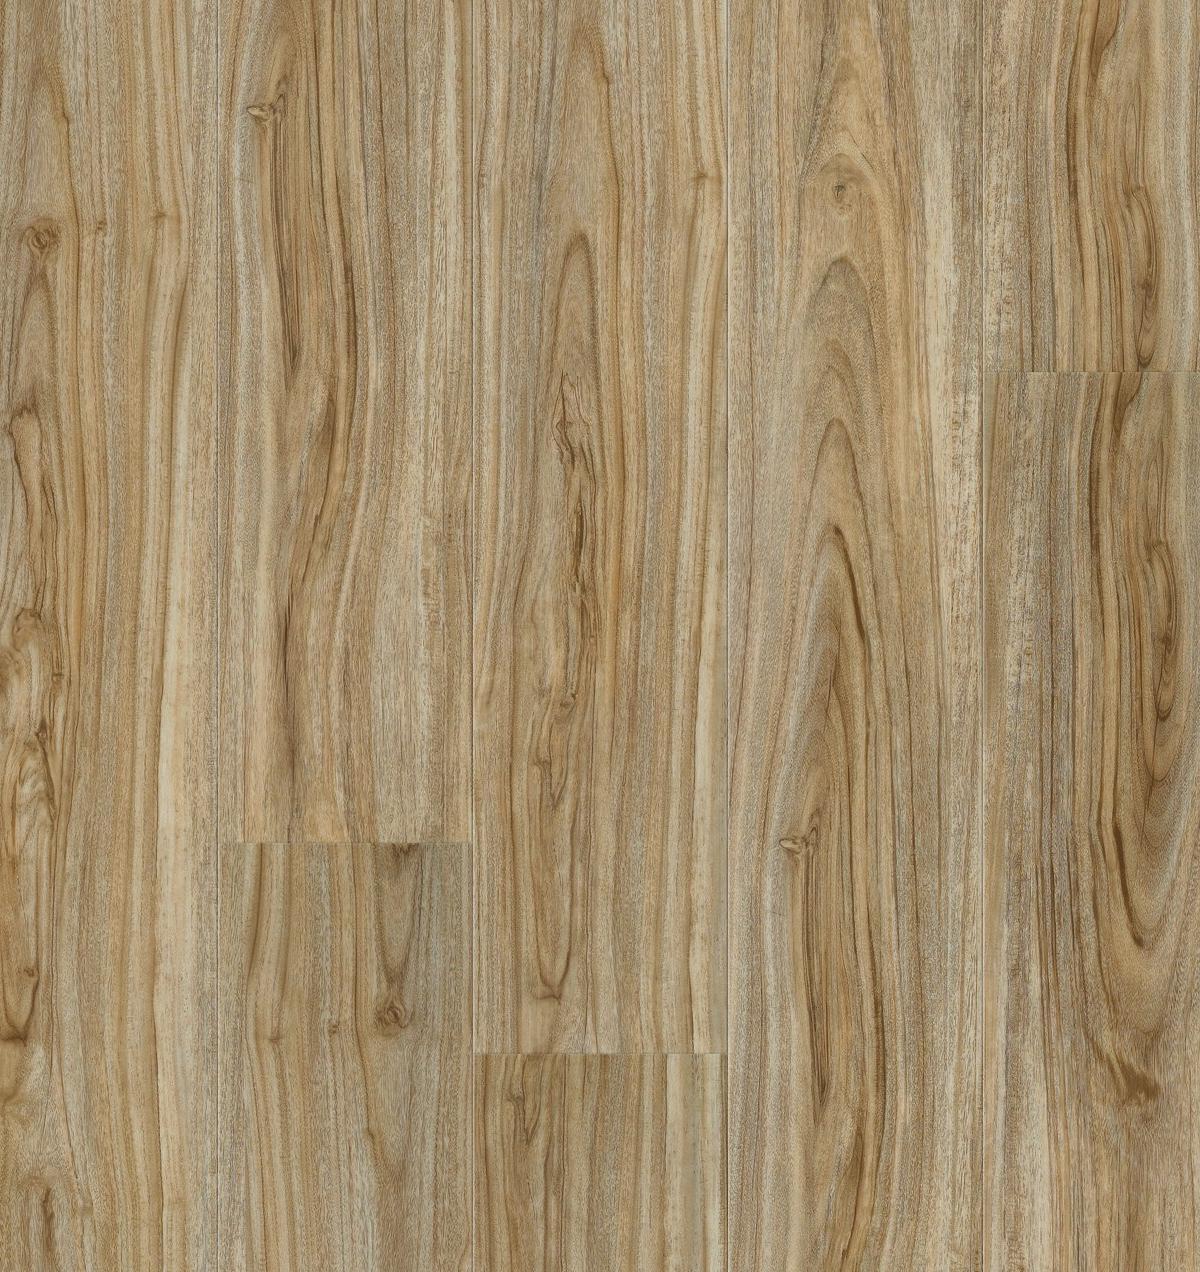 Earthwerks lwc vinyl flooring